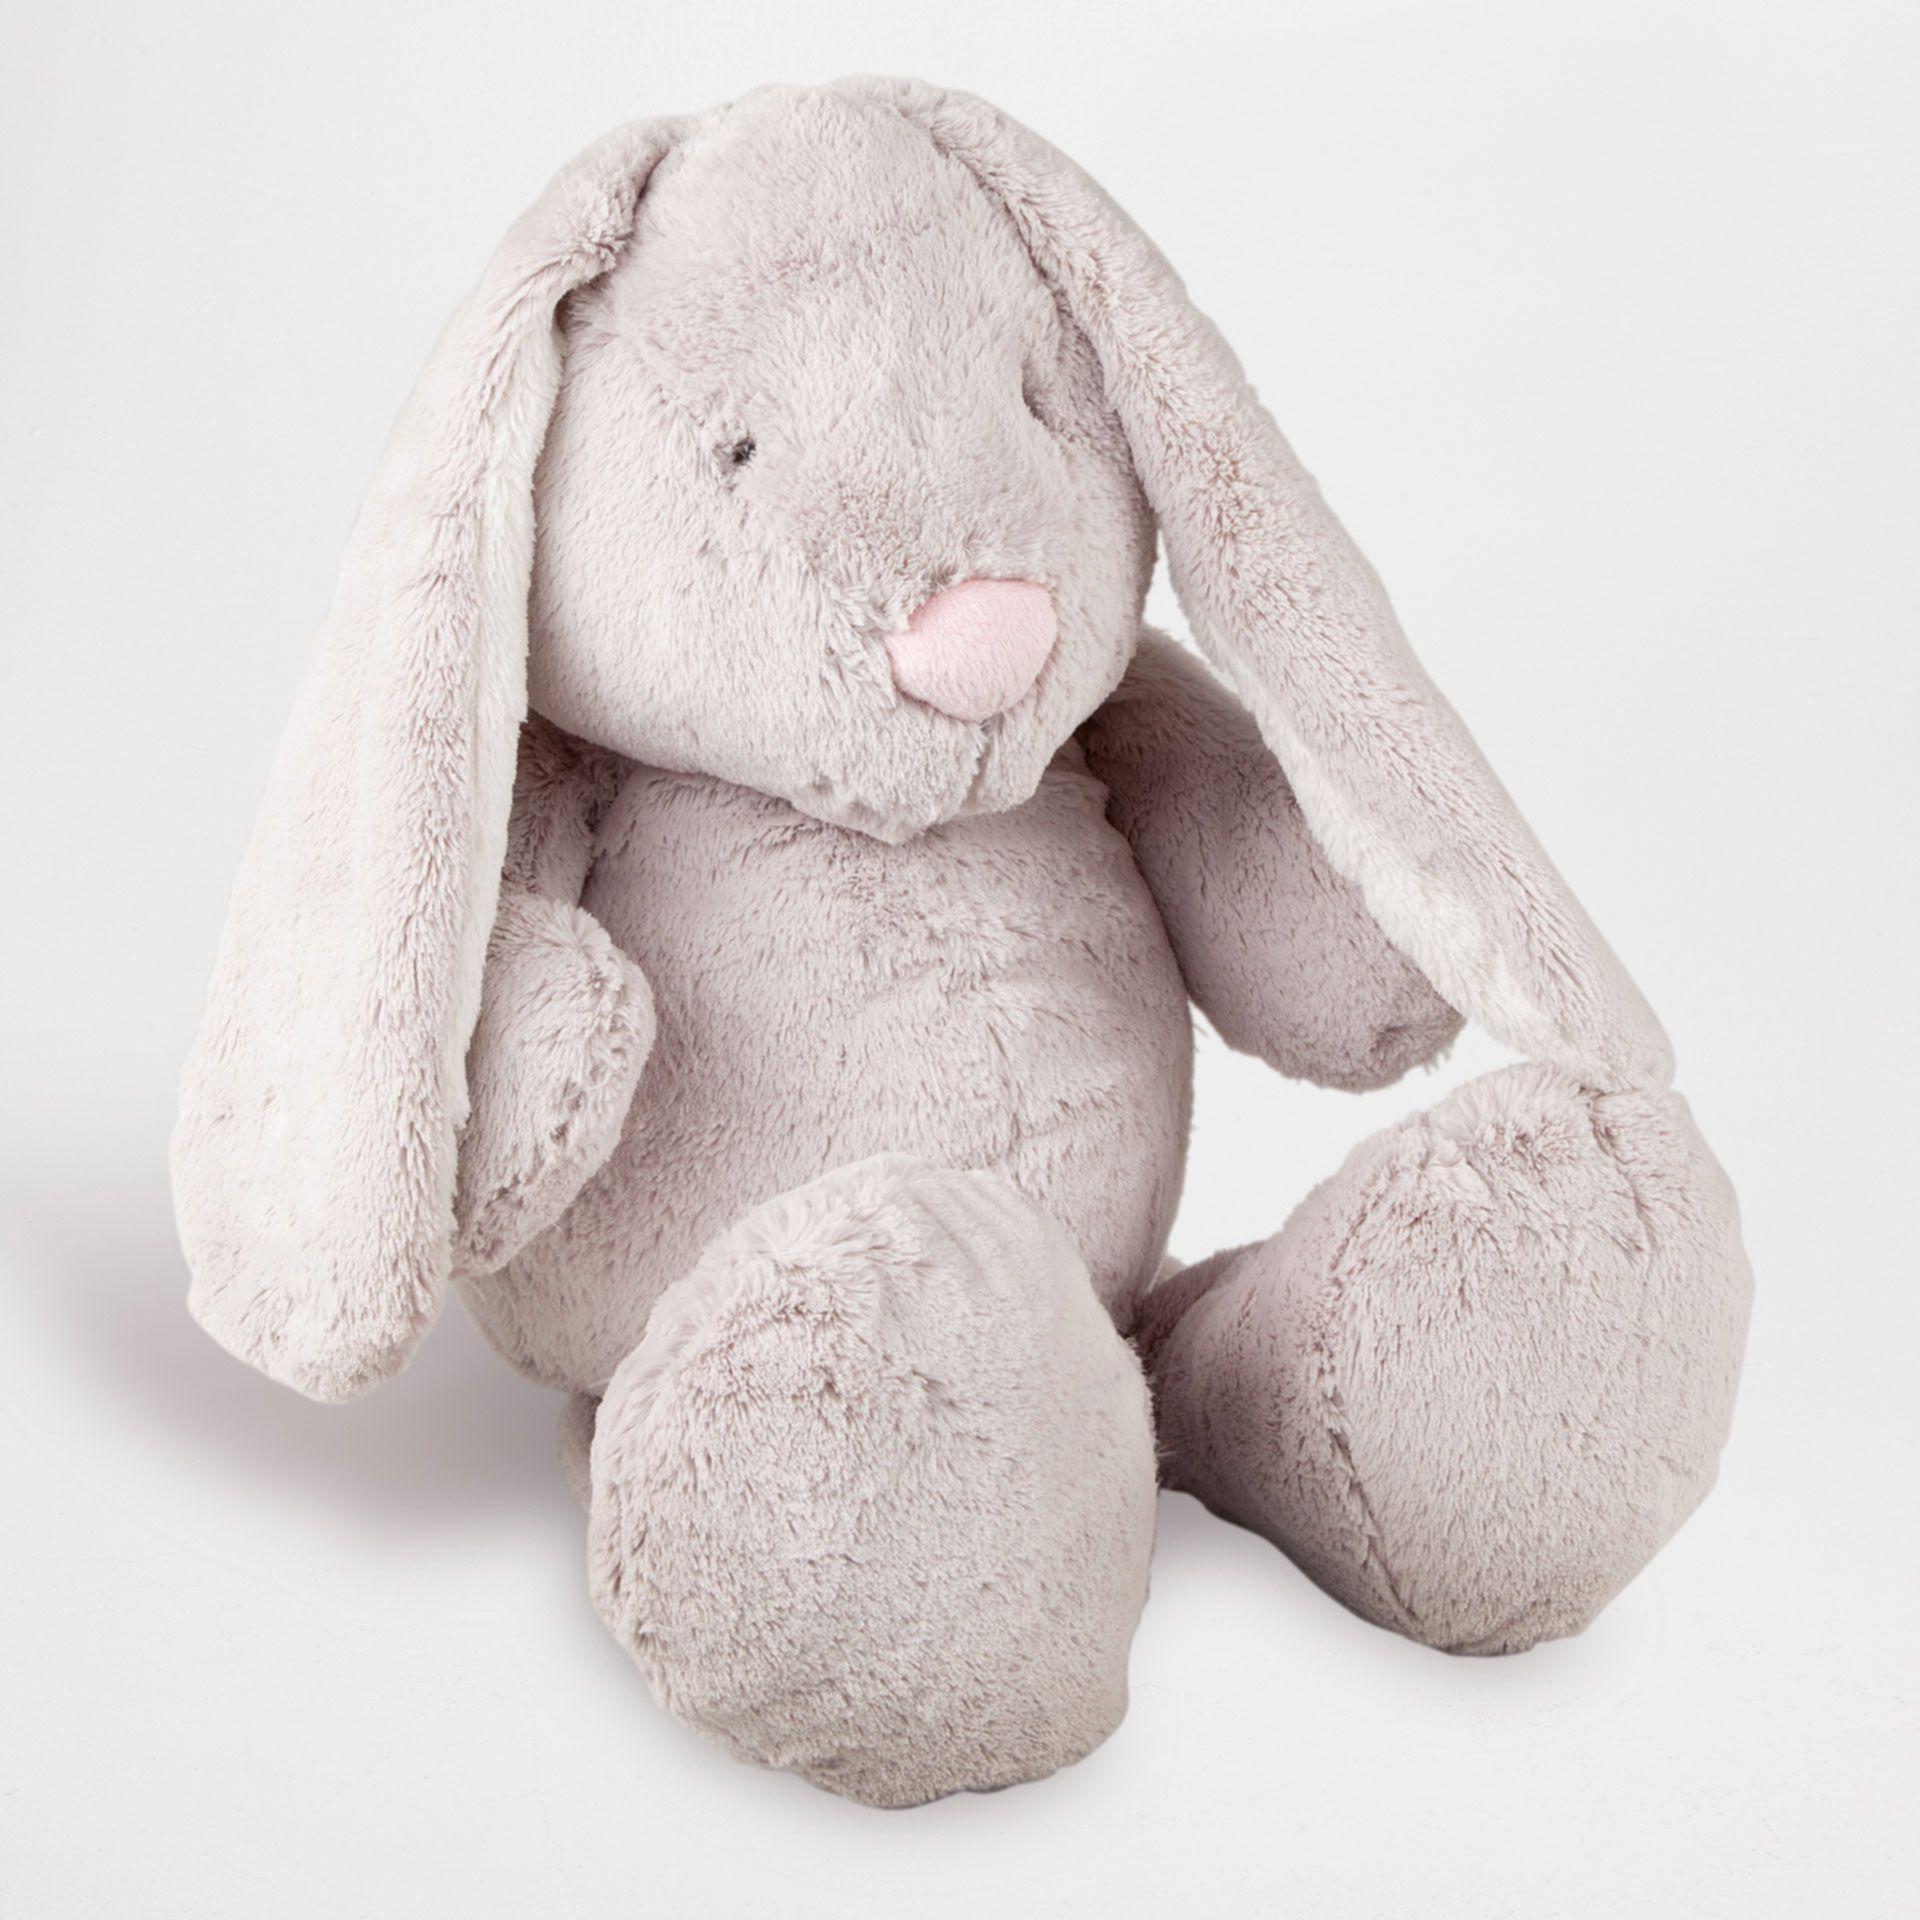 plüschtier kids conejo grande - spielzeuge und plüschtiere ... - Kinderzimmer Gestalten Wohnaccessoires Zara Home